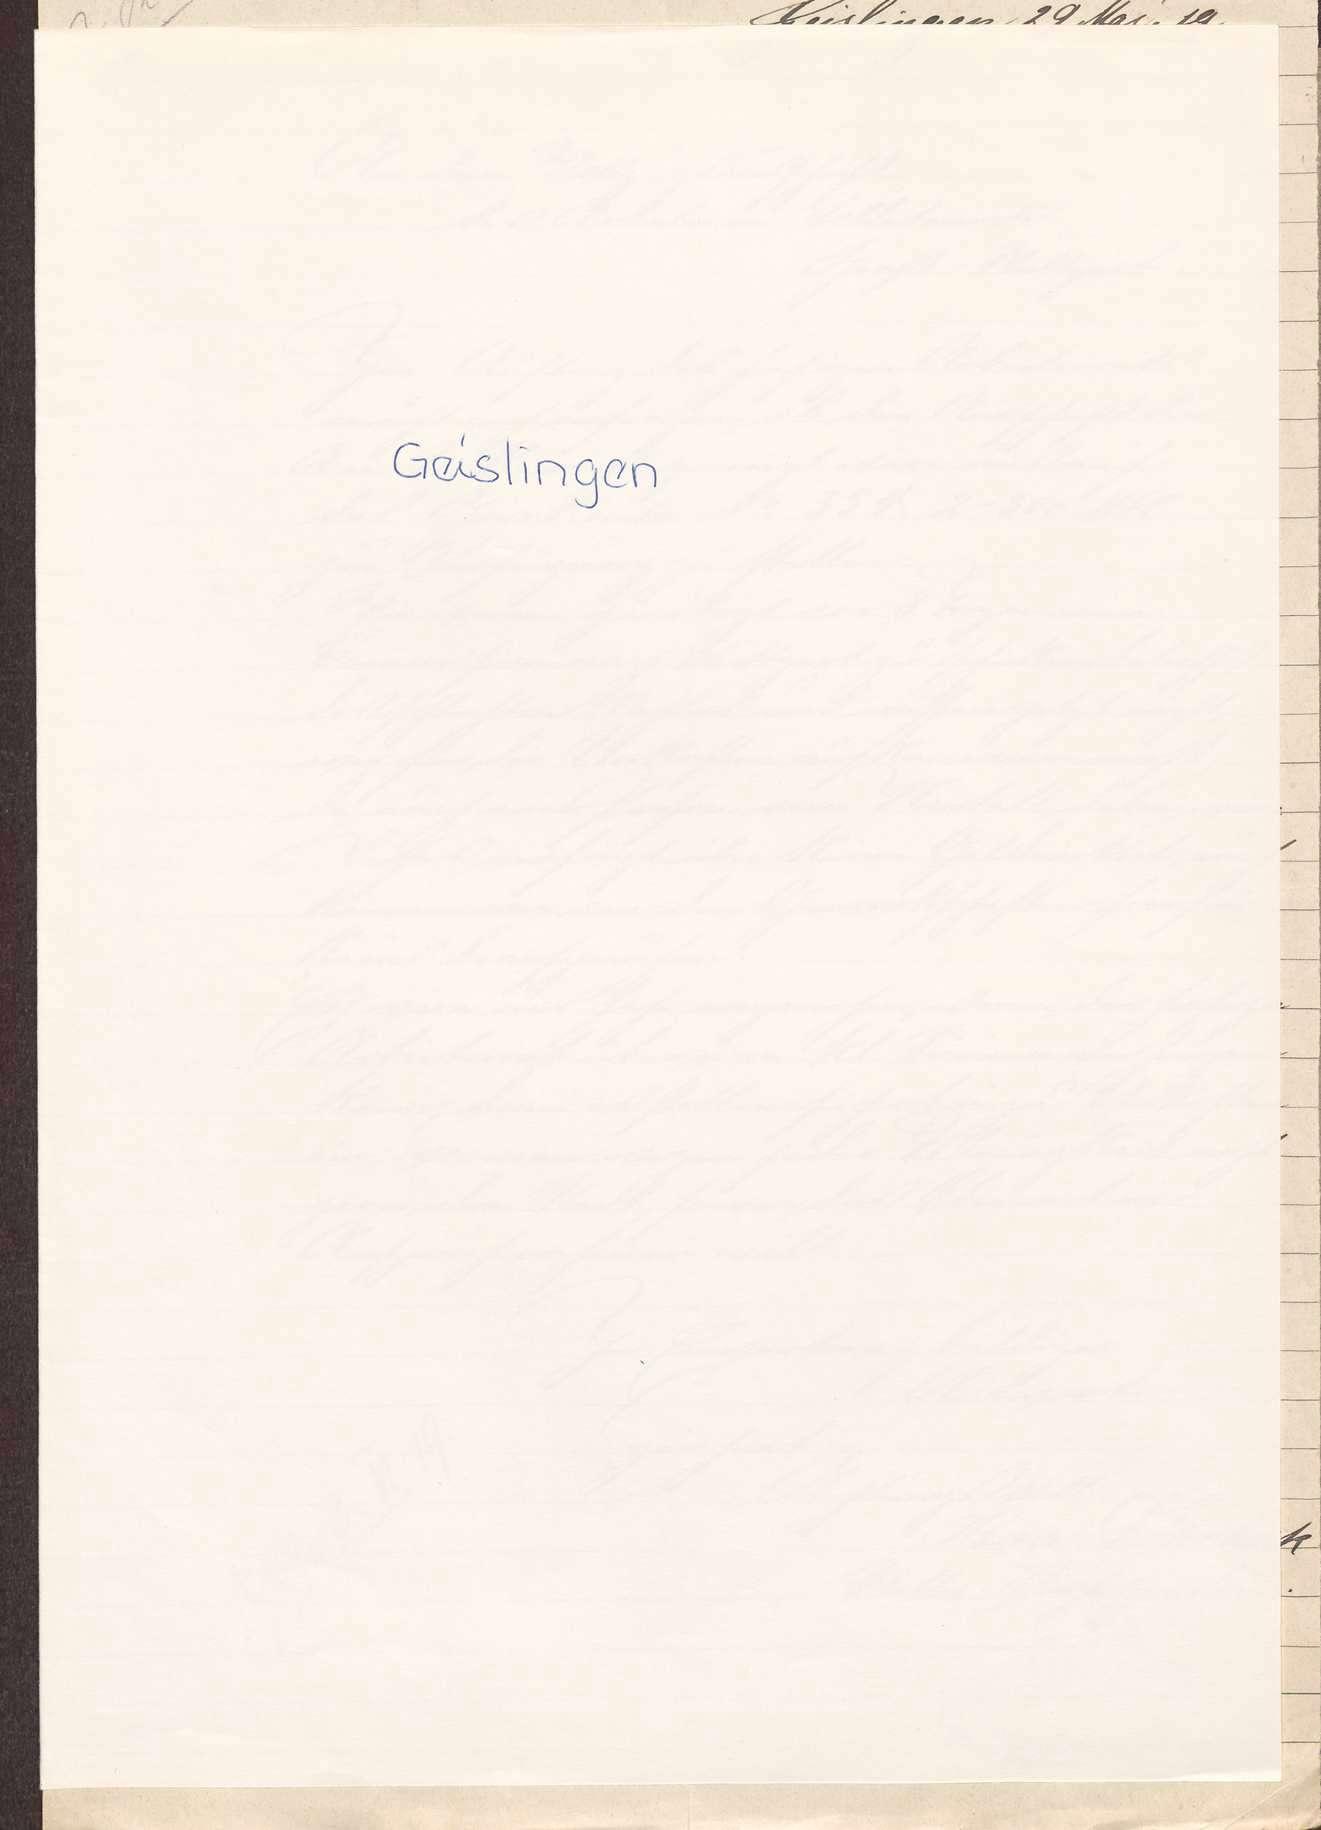 Finanzierung und Rechnungslegung örtlicher Arbeiter- und Bauernräte im Oberamt Geislingen, Bild 1